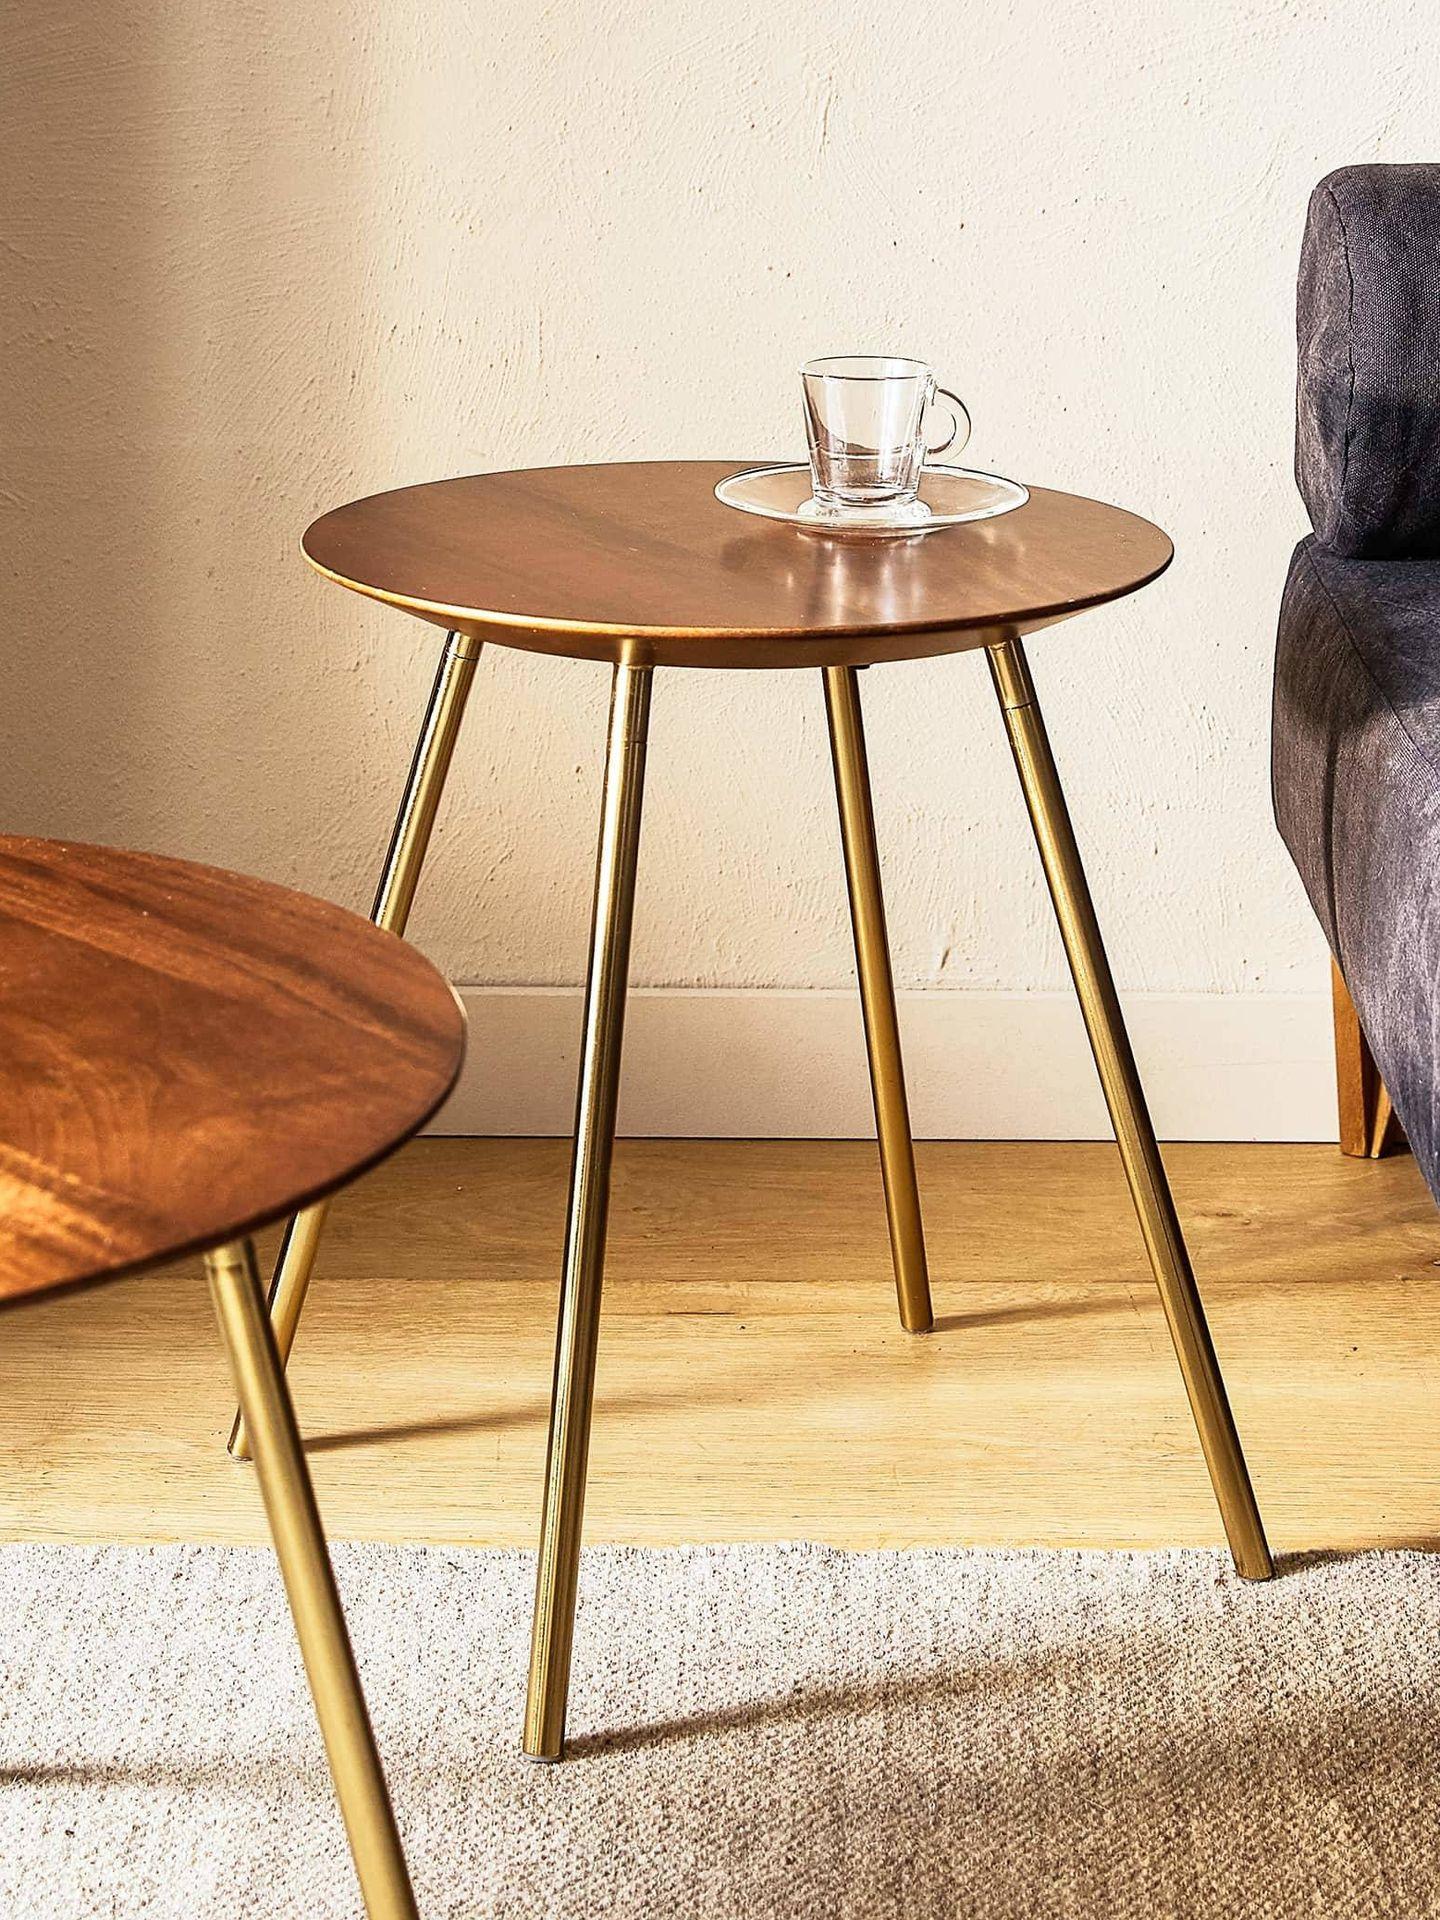 Mesas redondas en las rebajas de Zara Home. (Cortesía)